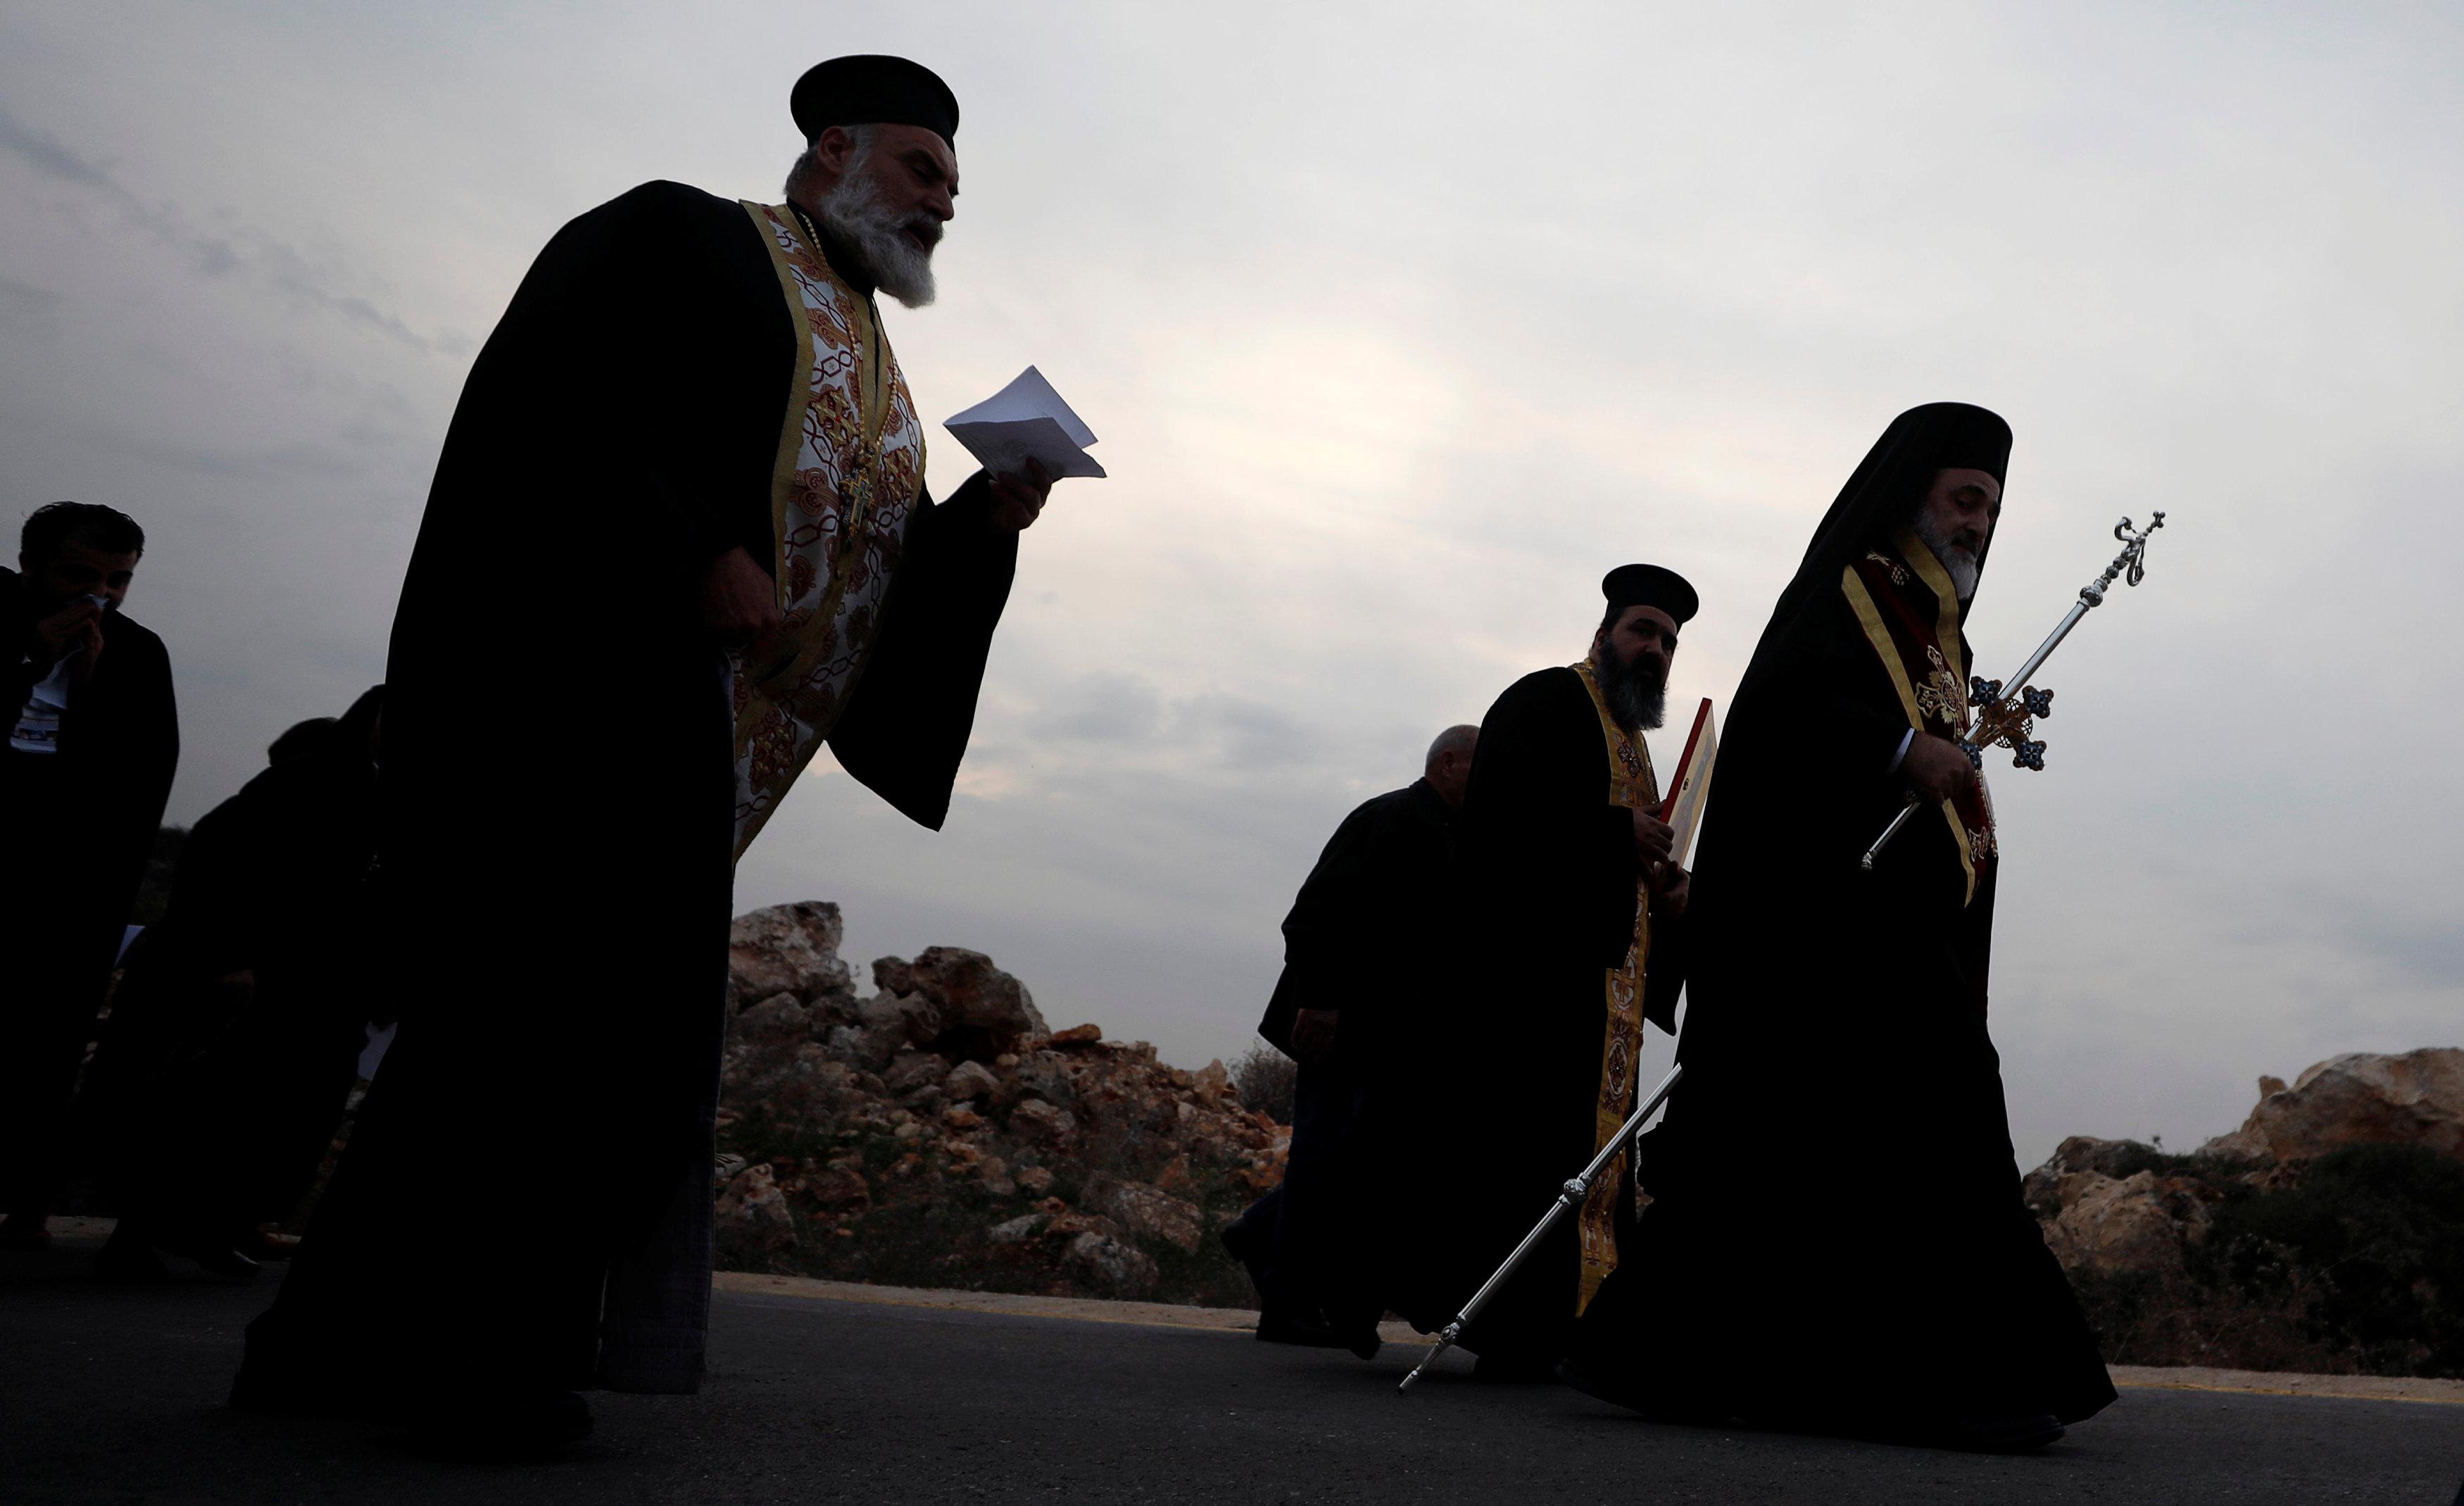 رجال دين مسيحيين